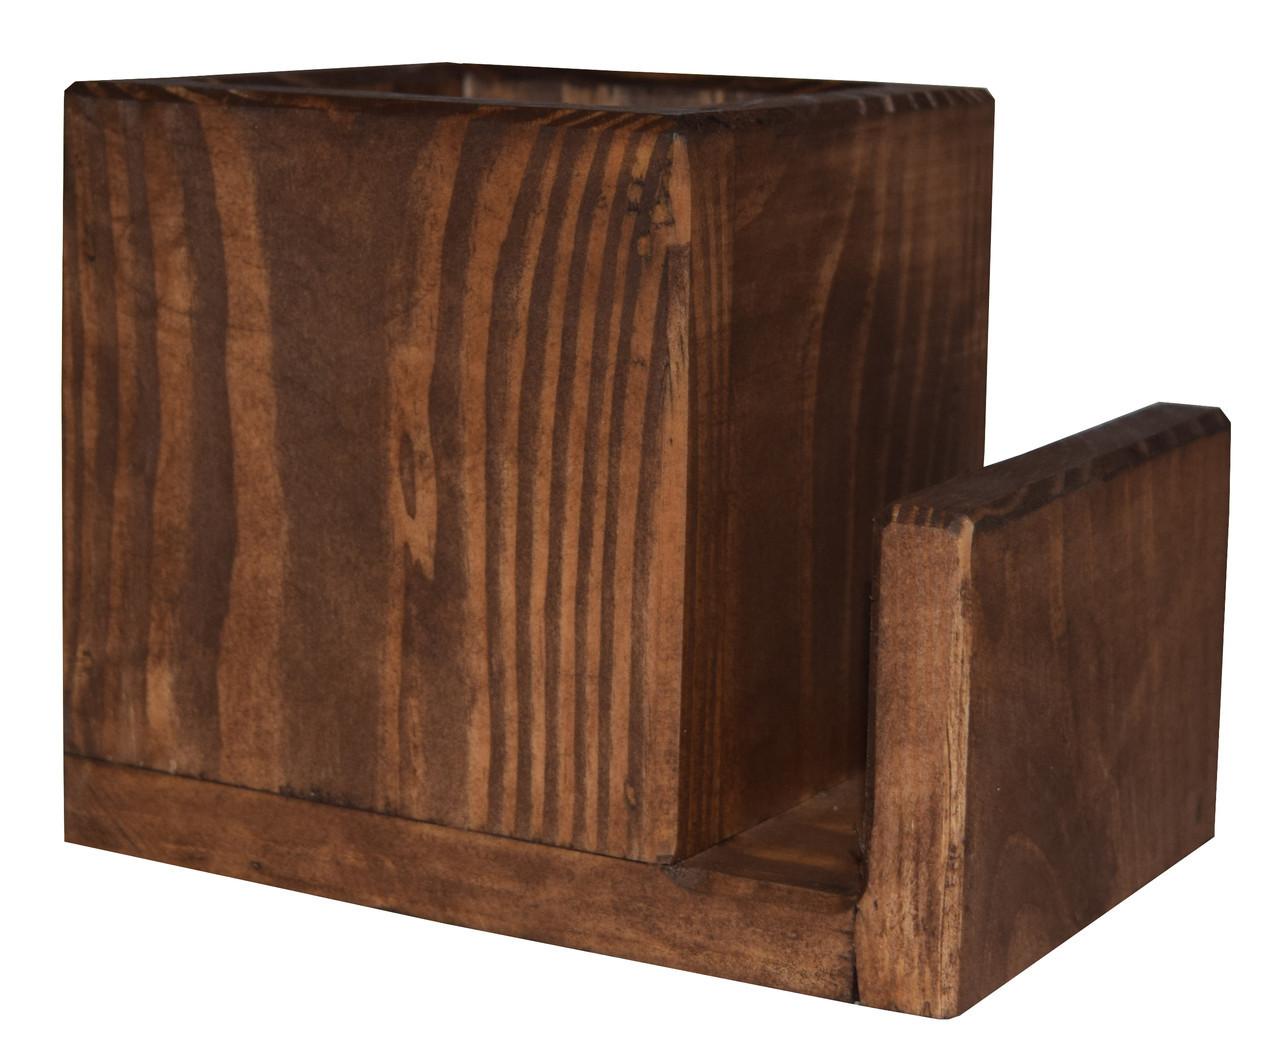 Деревянный лоток для столовых приборов  Pranzo  подставка под ложки вилки  цвет - капучино